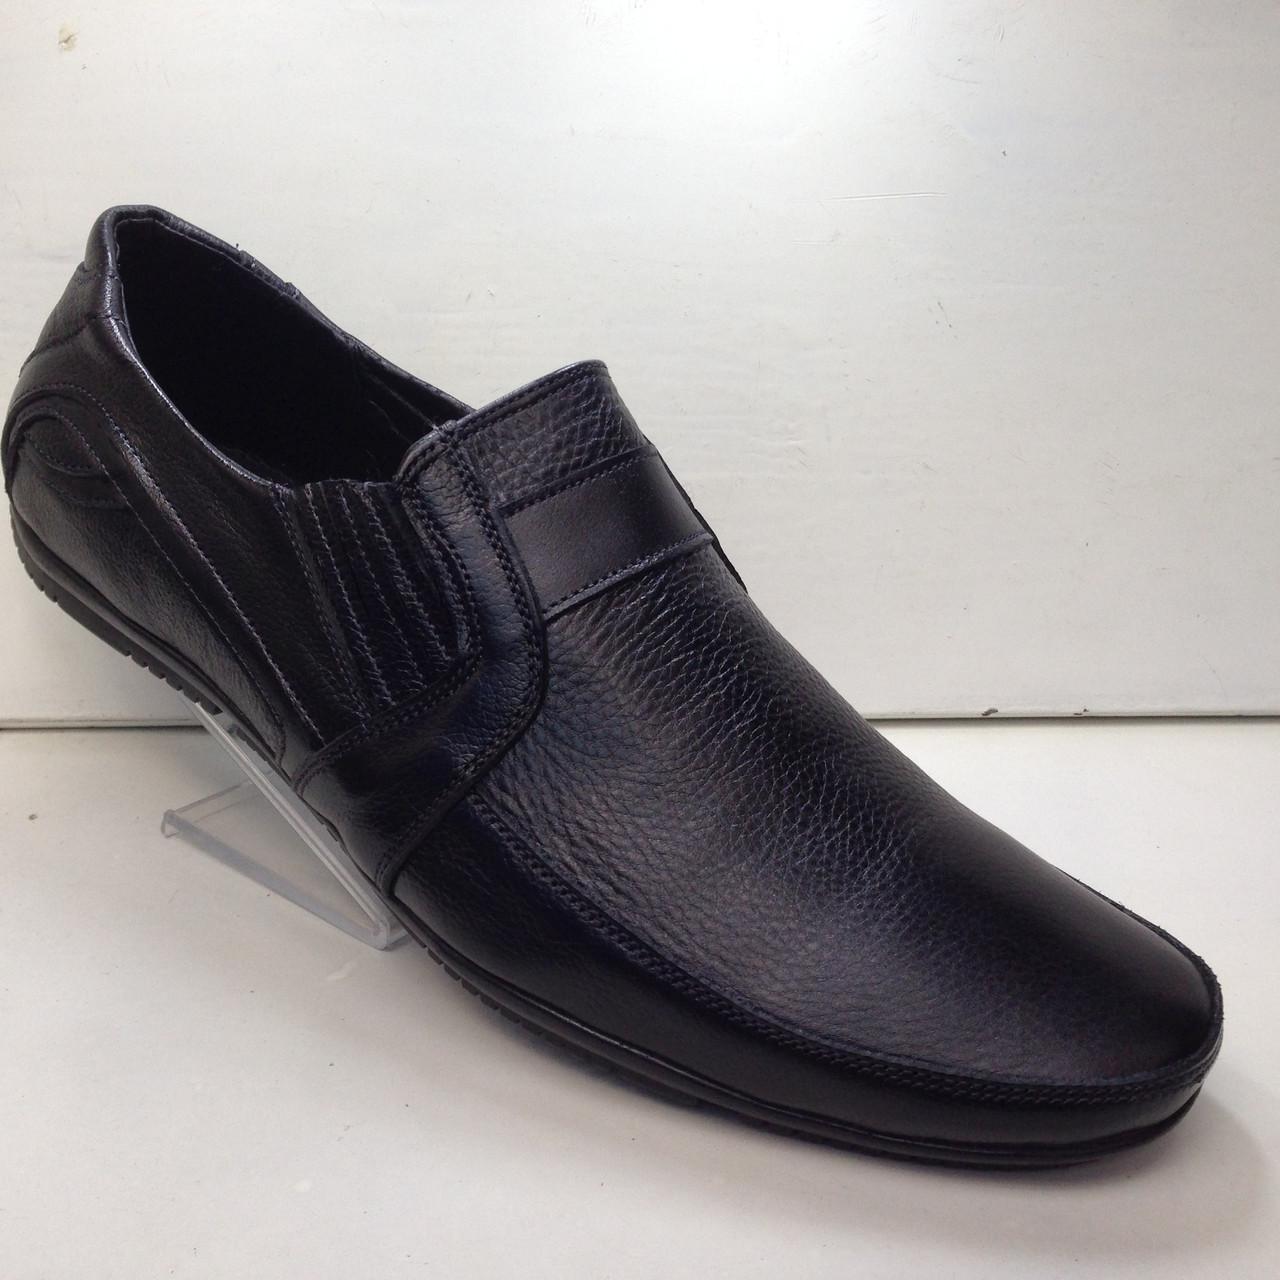 Р. 47 Мужские кожаные туфли/мокасины (большой размер)